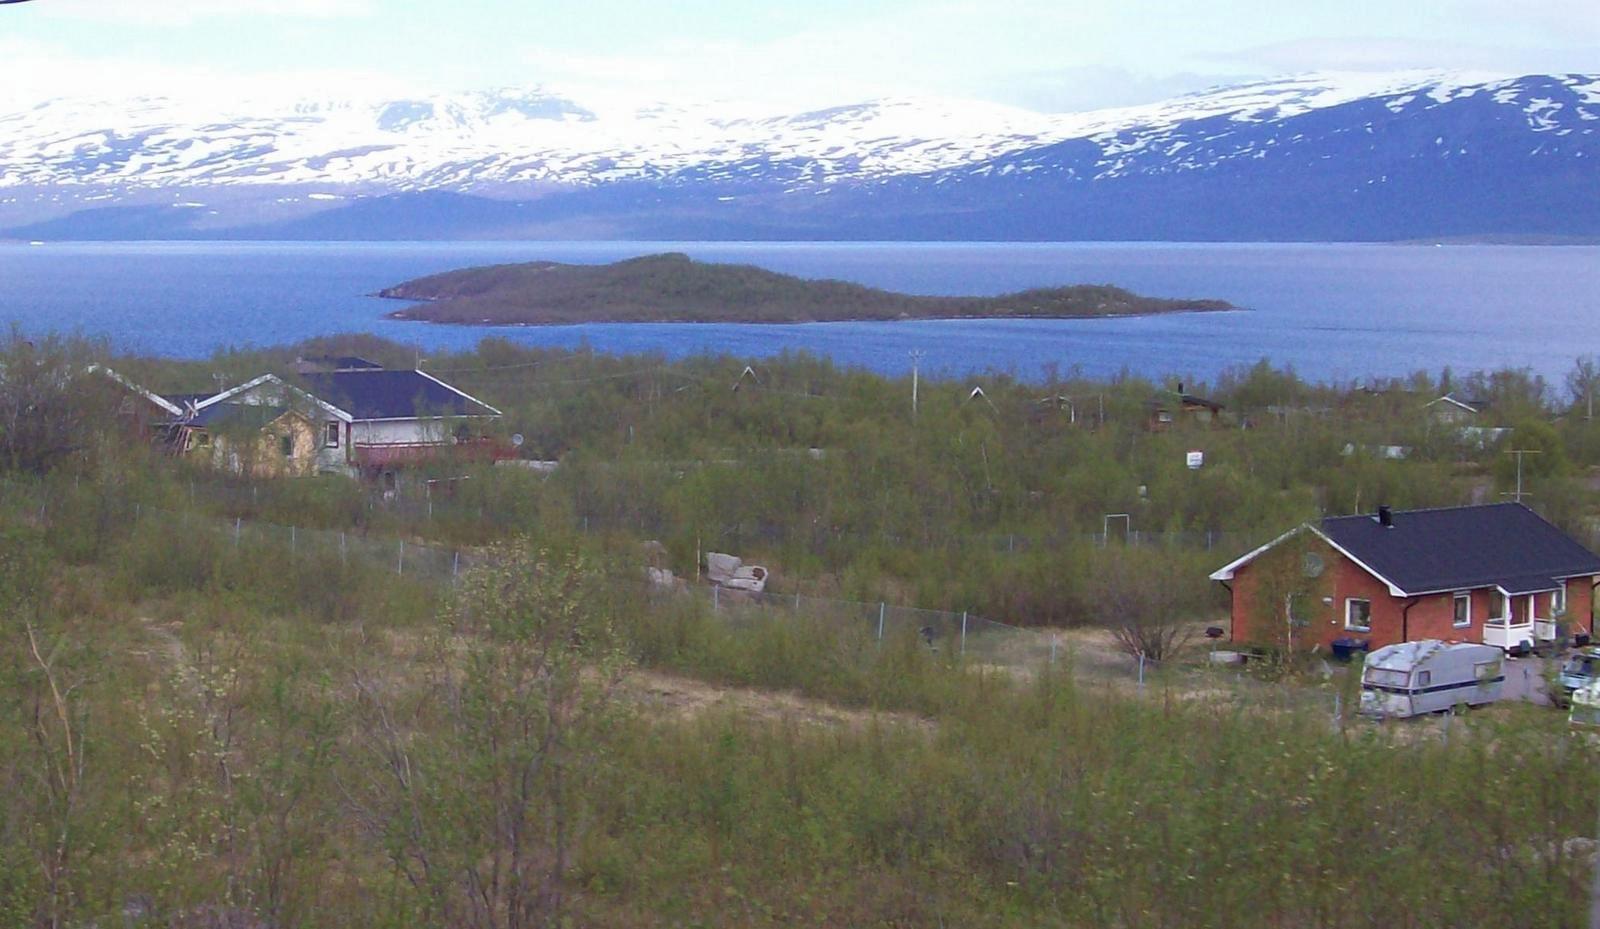 Torneträsk - Lappland